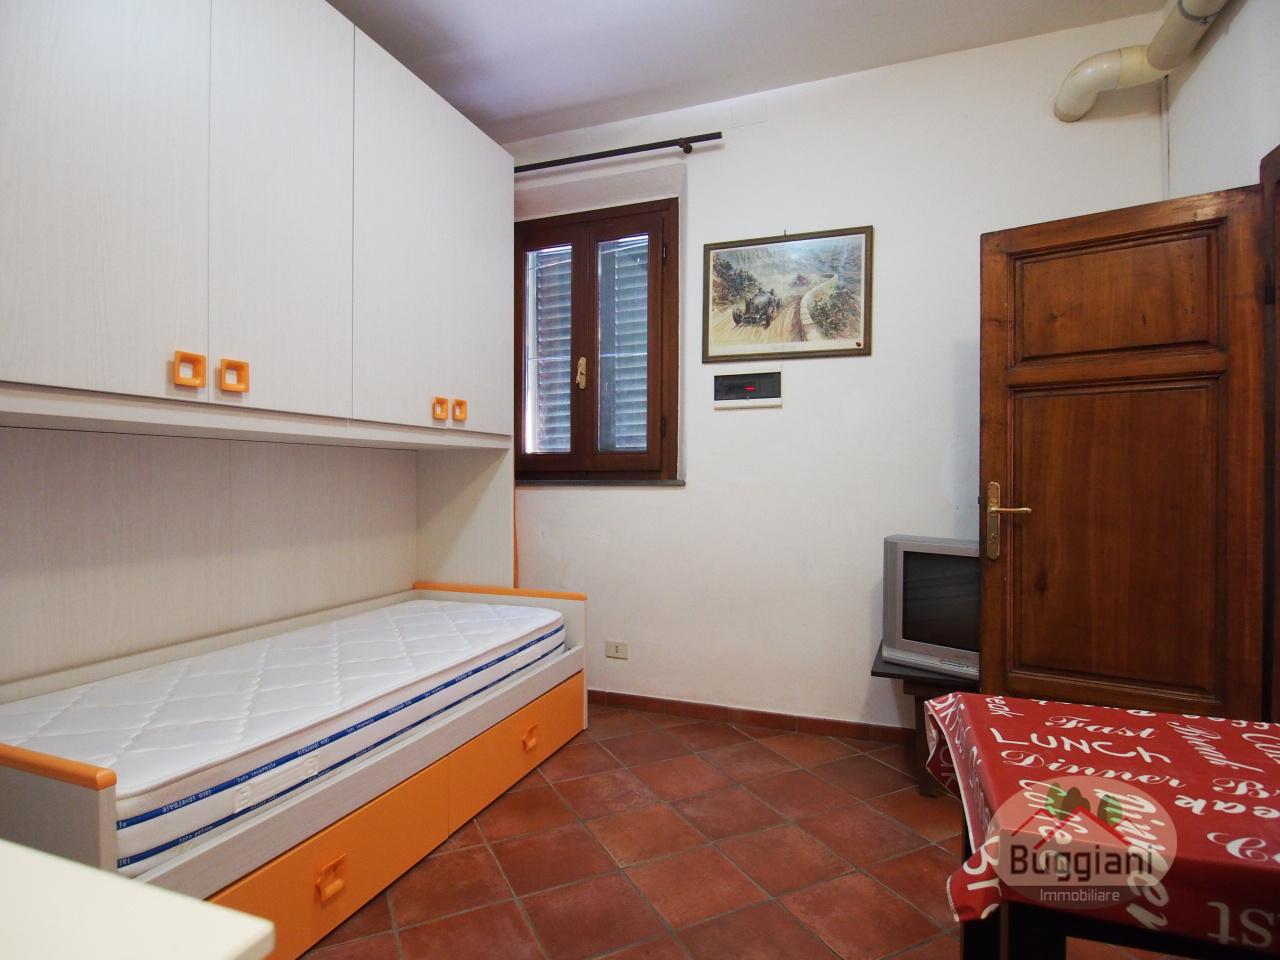 Appartamento in affitto RIF. L343, Montopoli in Val d'Arno (PI)